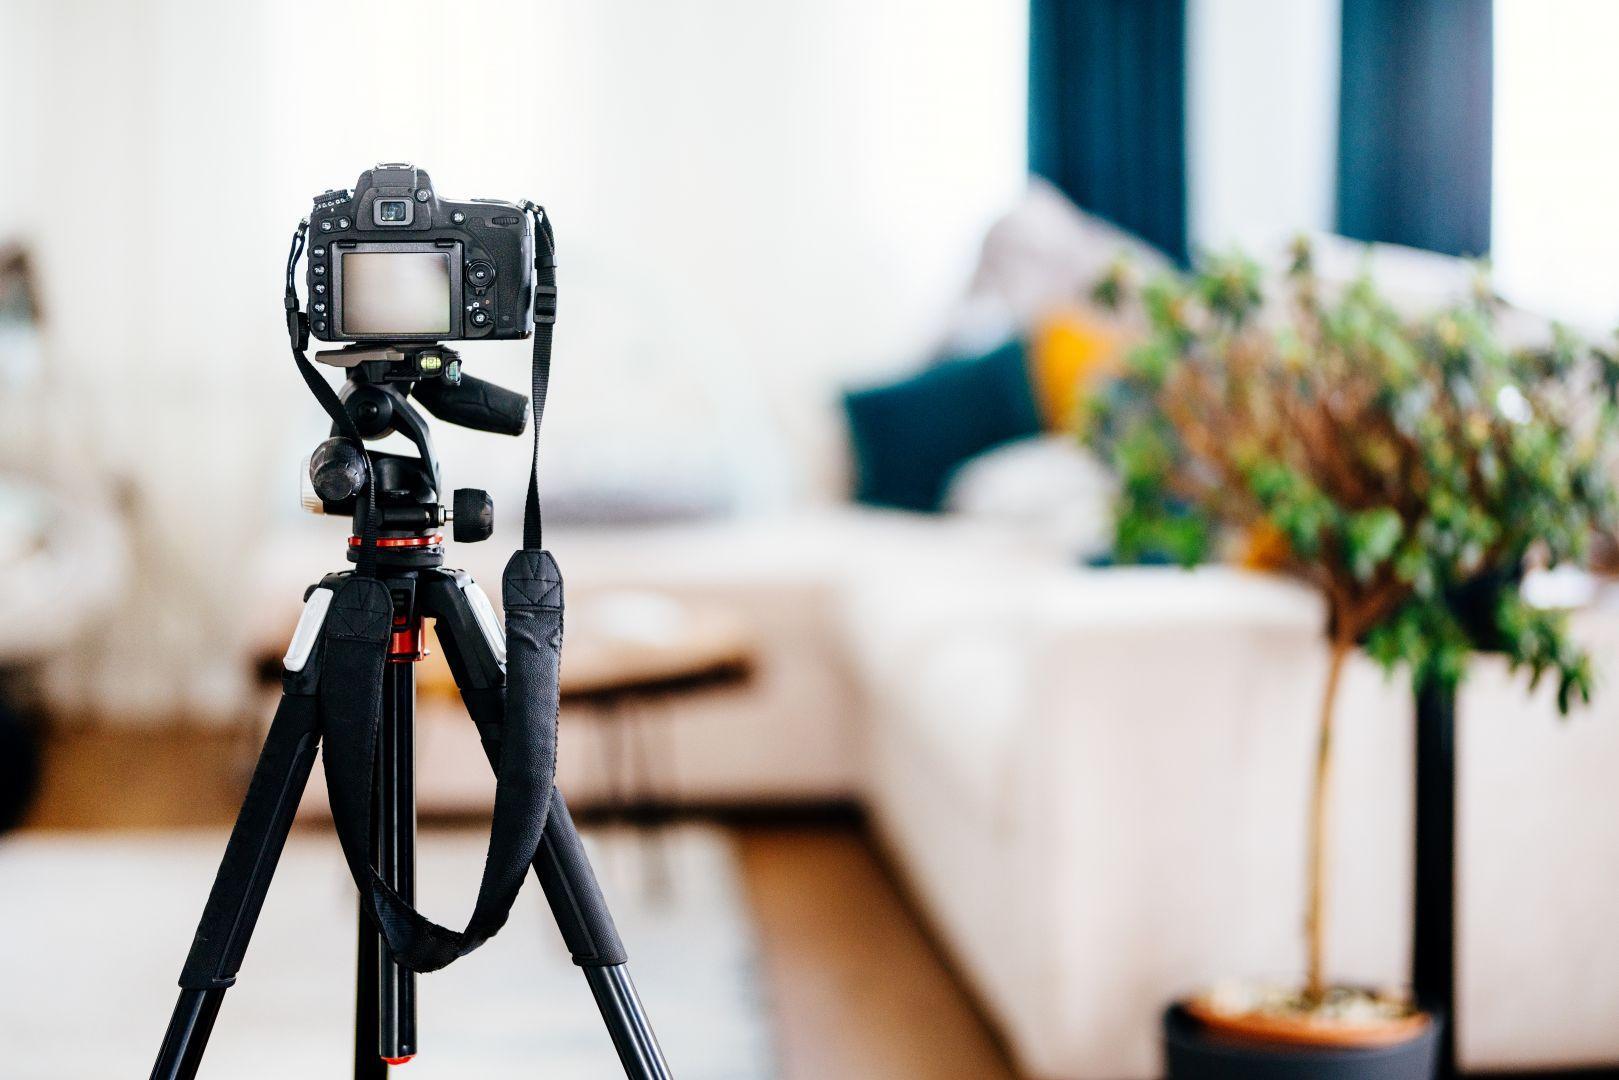 🎬 Annonce Immobilière : 3 secrets d'une photo qui vend